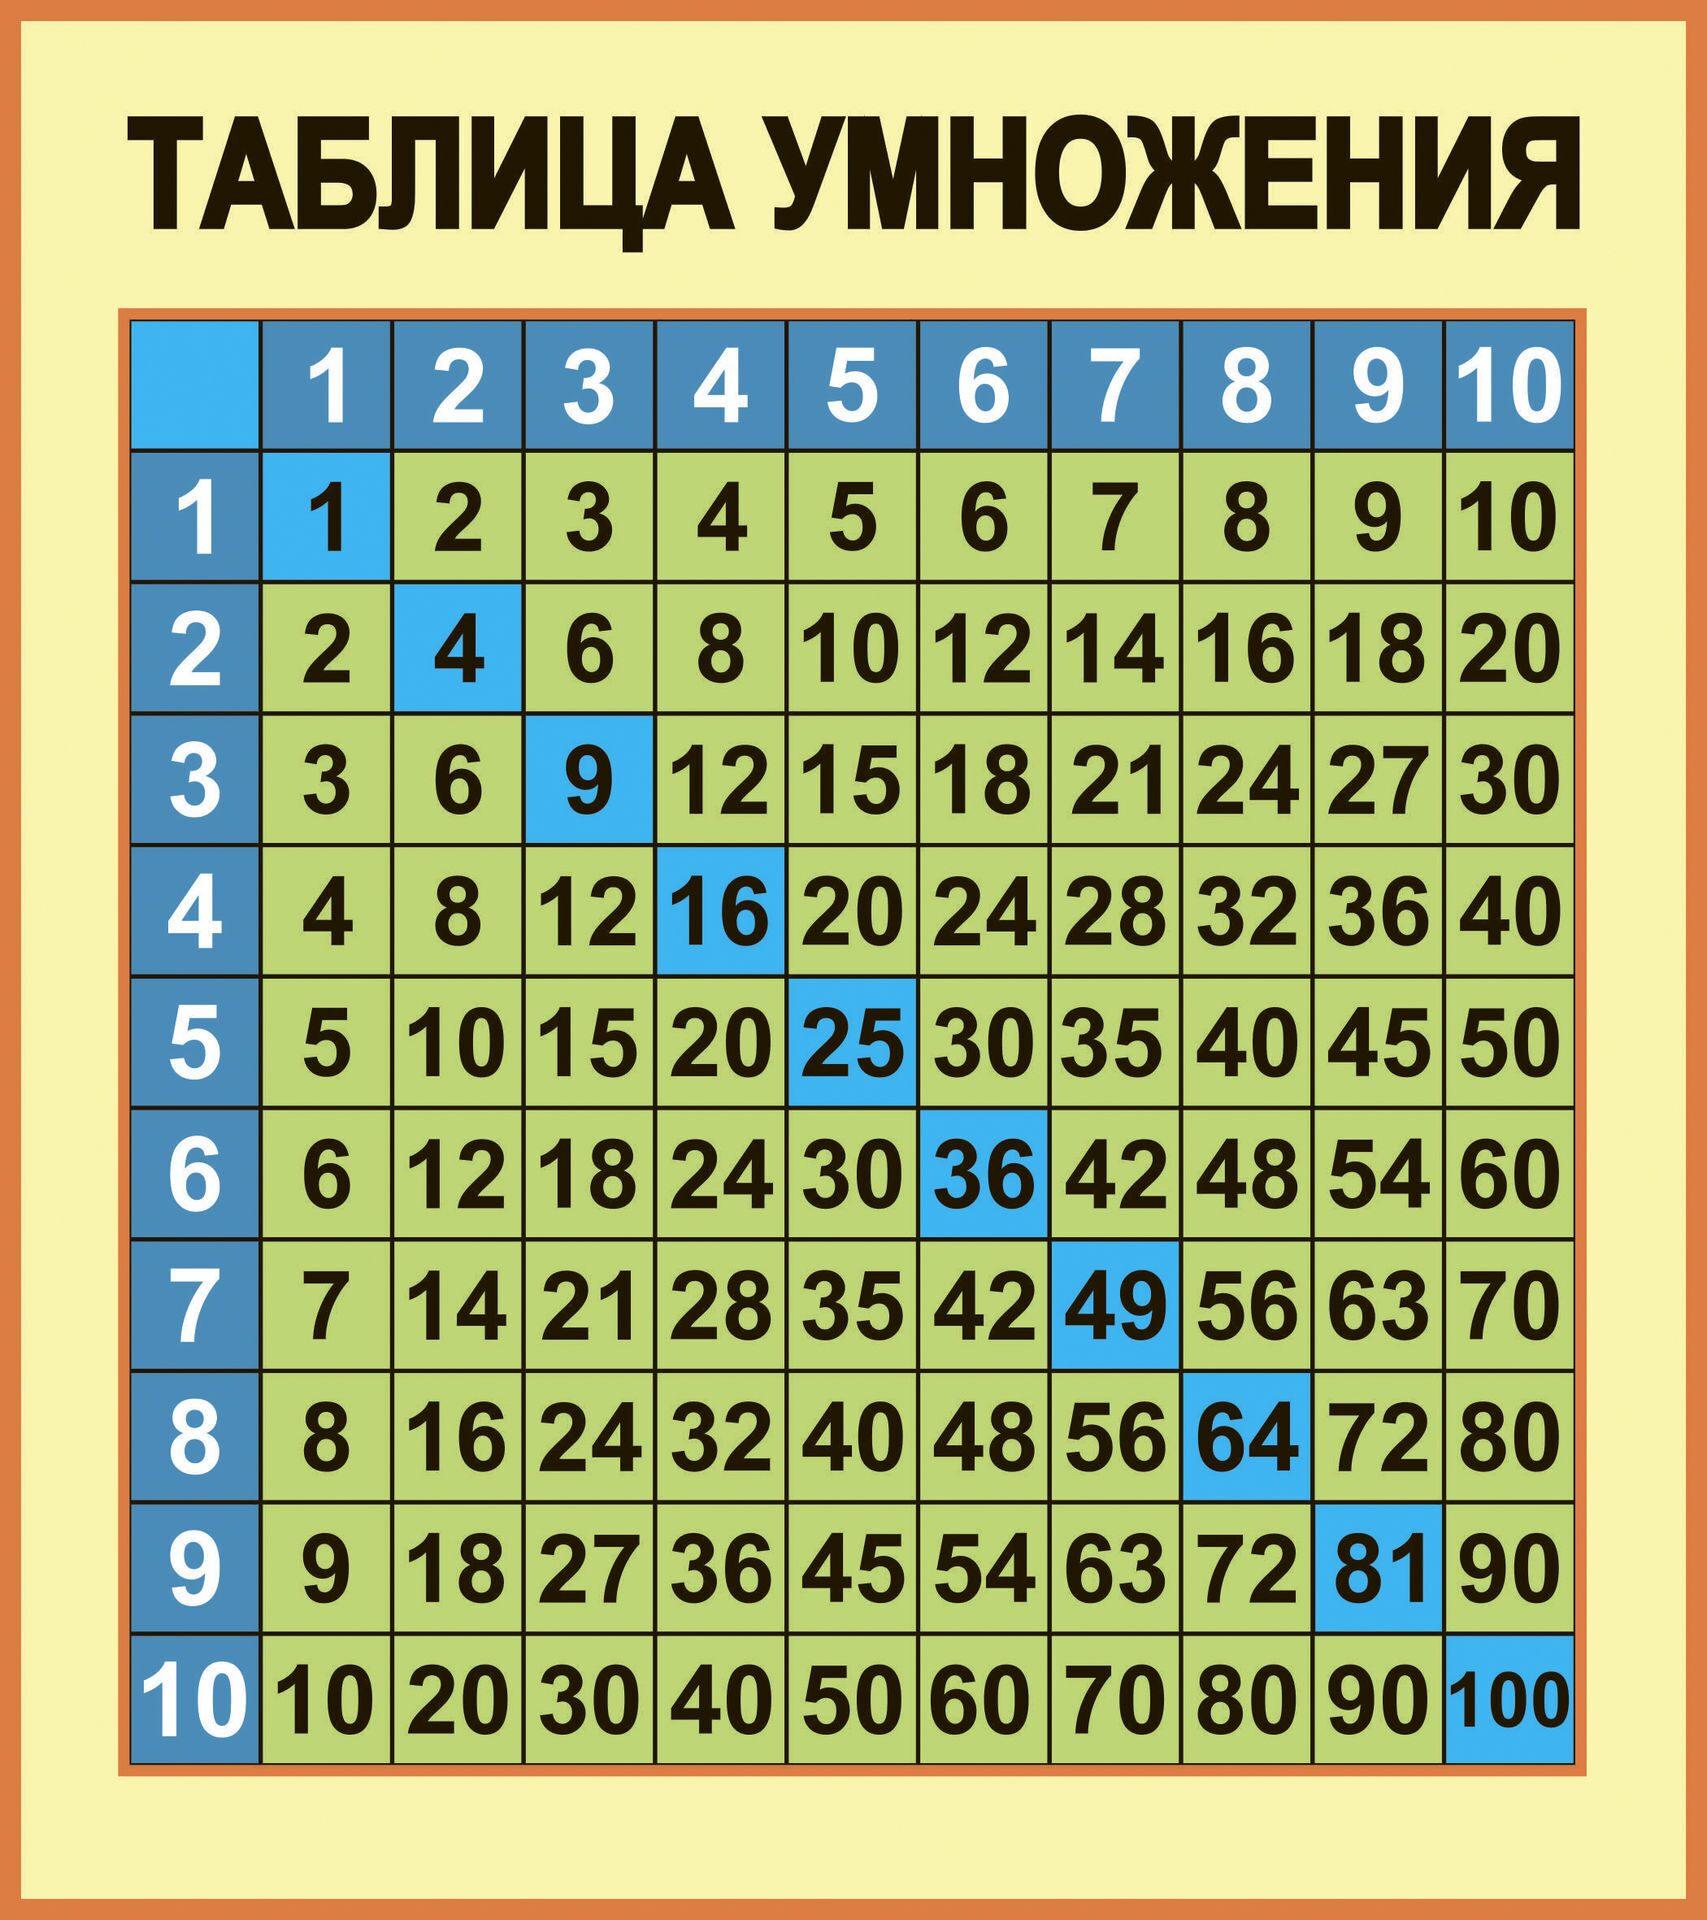 таблица умножения знакомство